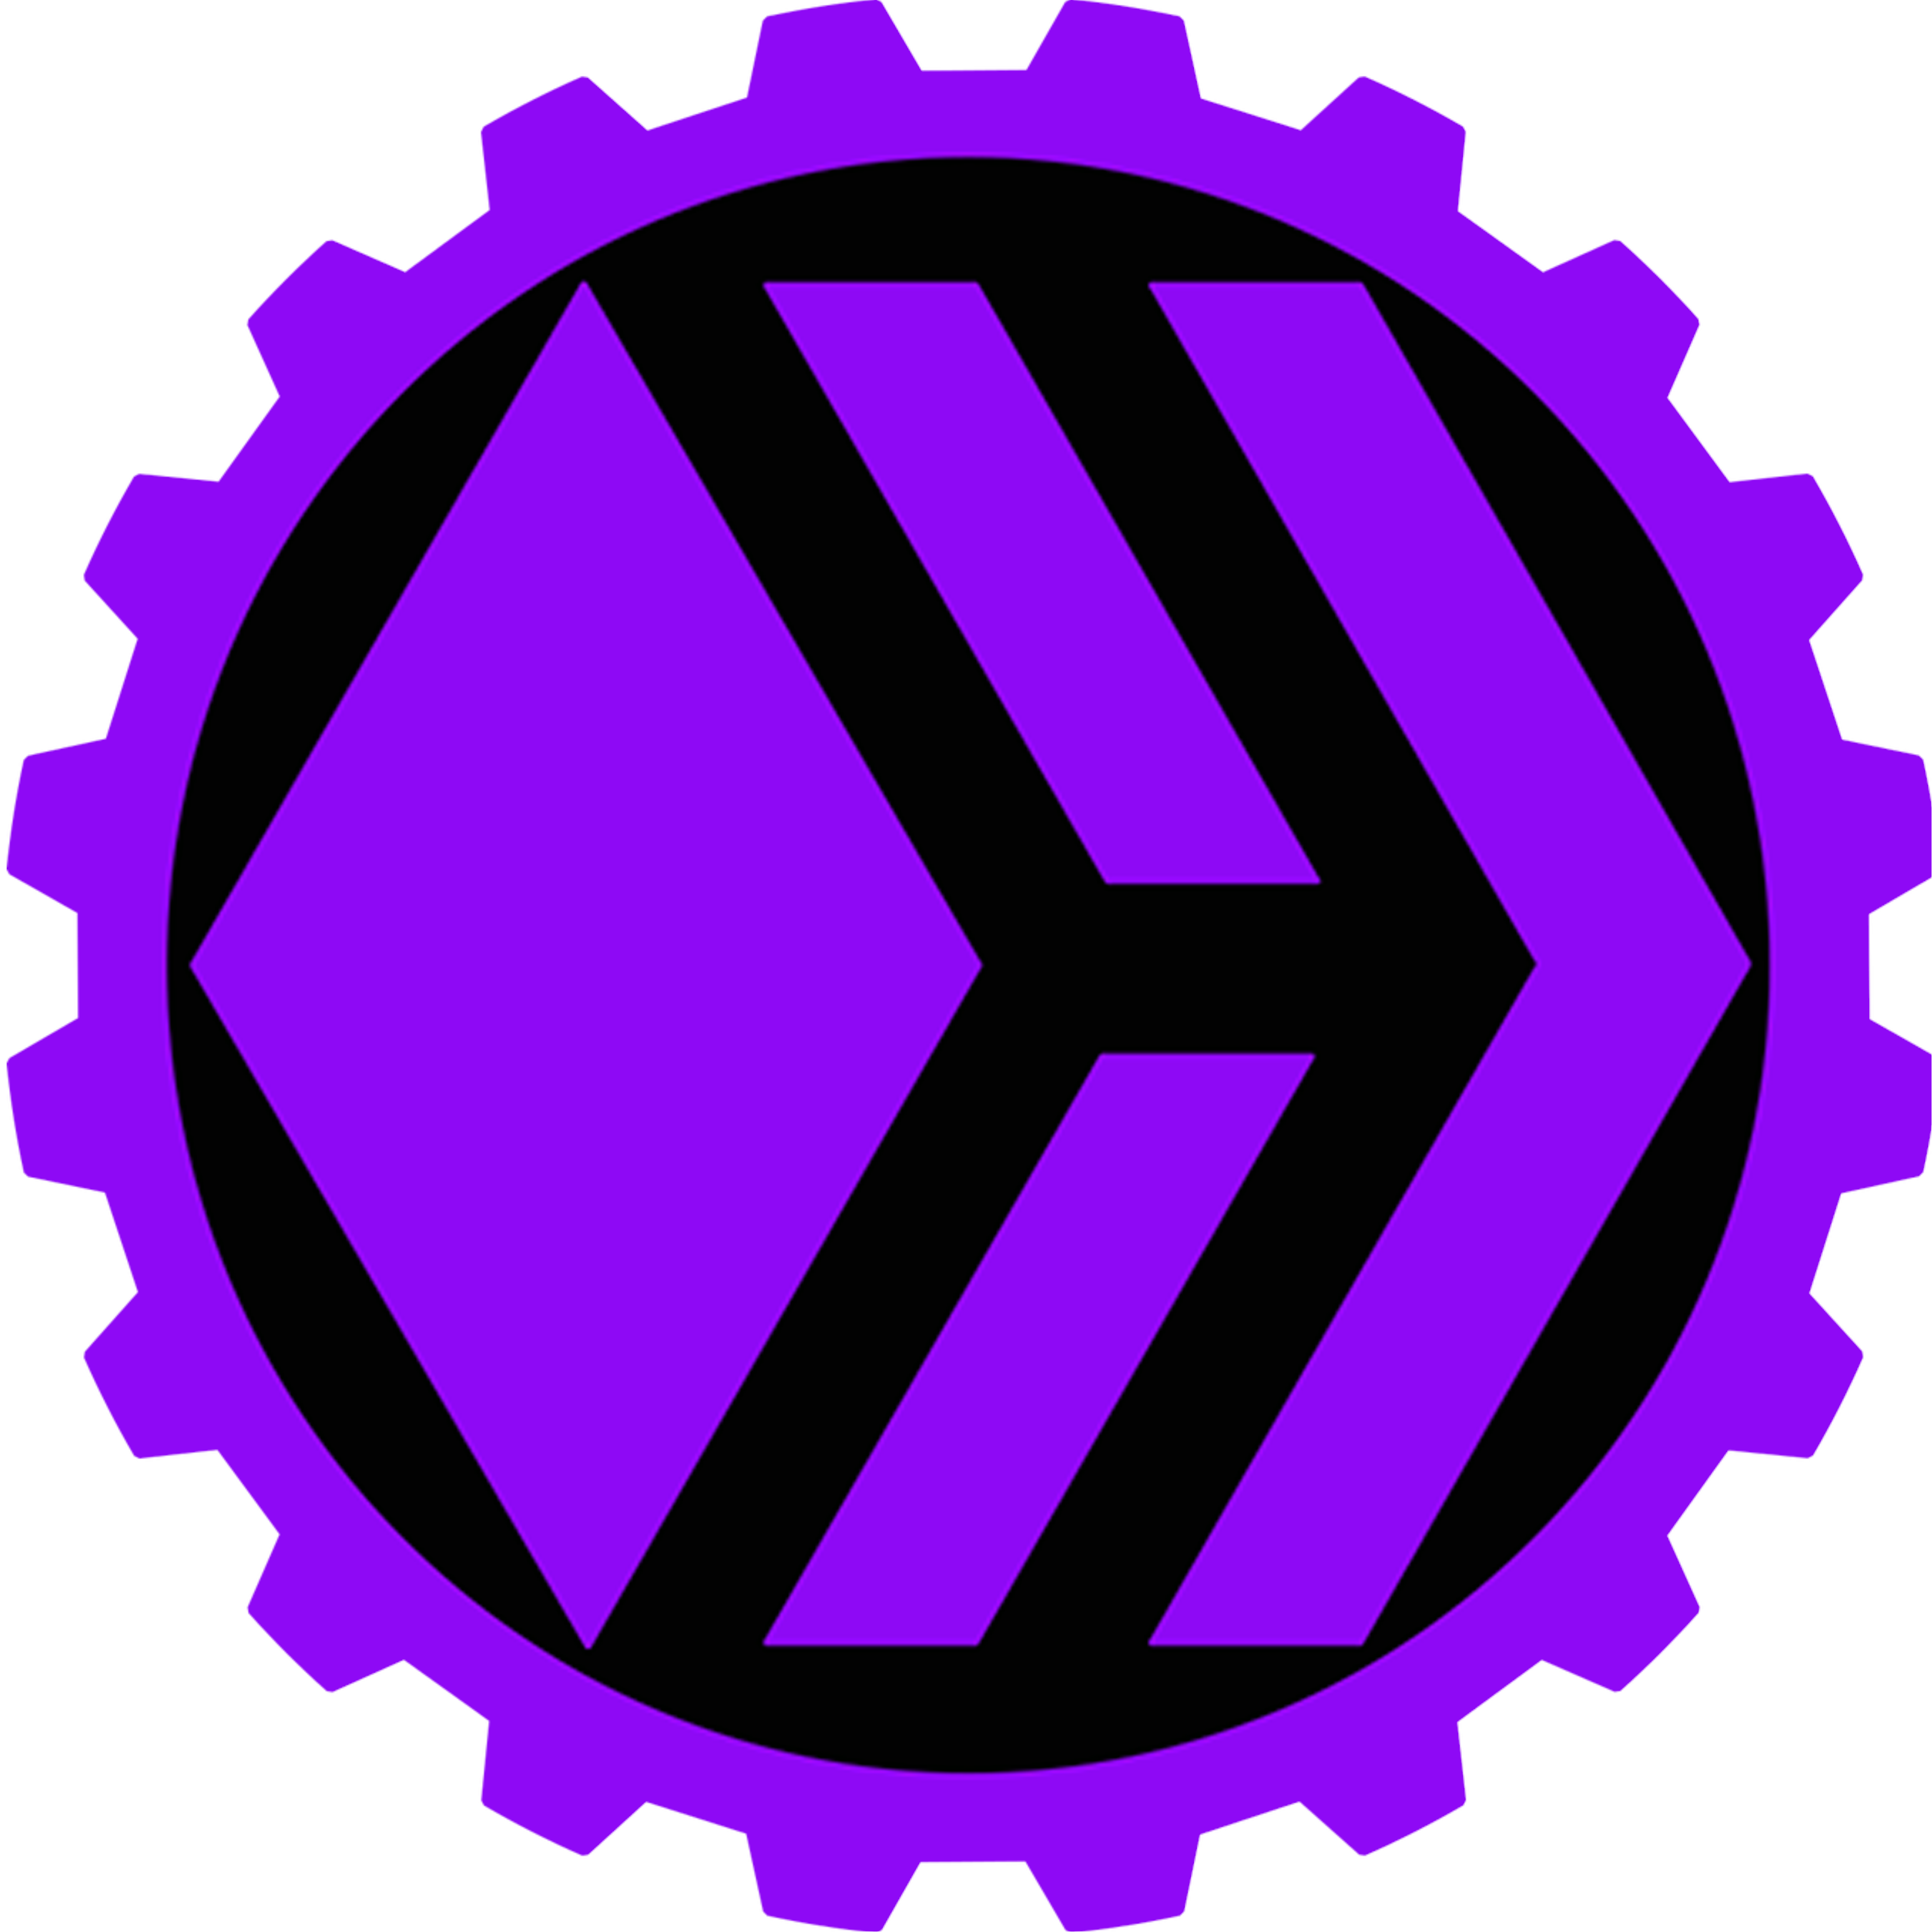 hivelist-token-gear-blk.png